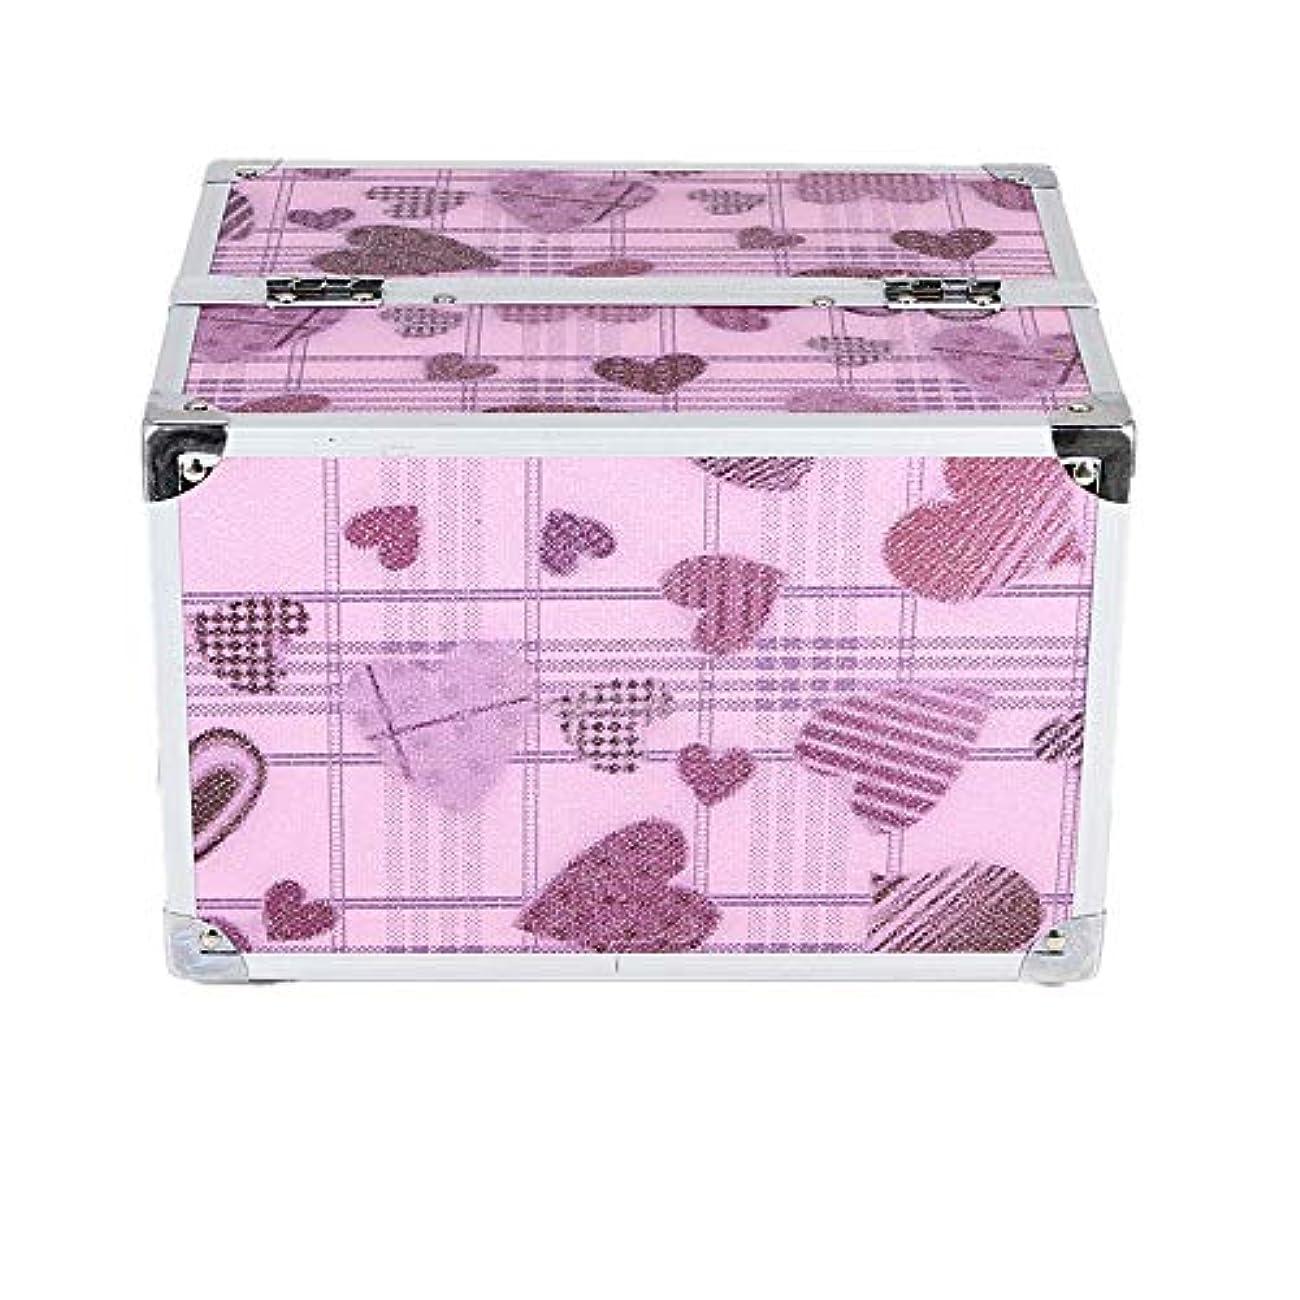 レスリングヒープ拡散する化粧オーガナイザーバッグ かわいいハートパターントラベルアクセサリーのためのポータブル化粧ケースシャンプーボディウォッシュパーソナルアイテム収納トレイ 化粧品ケース